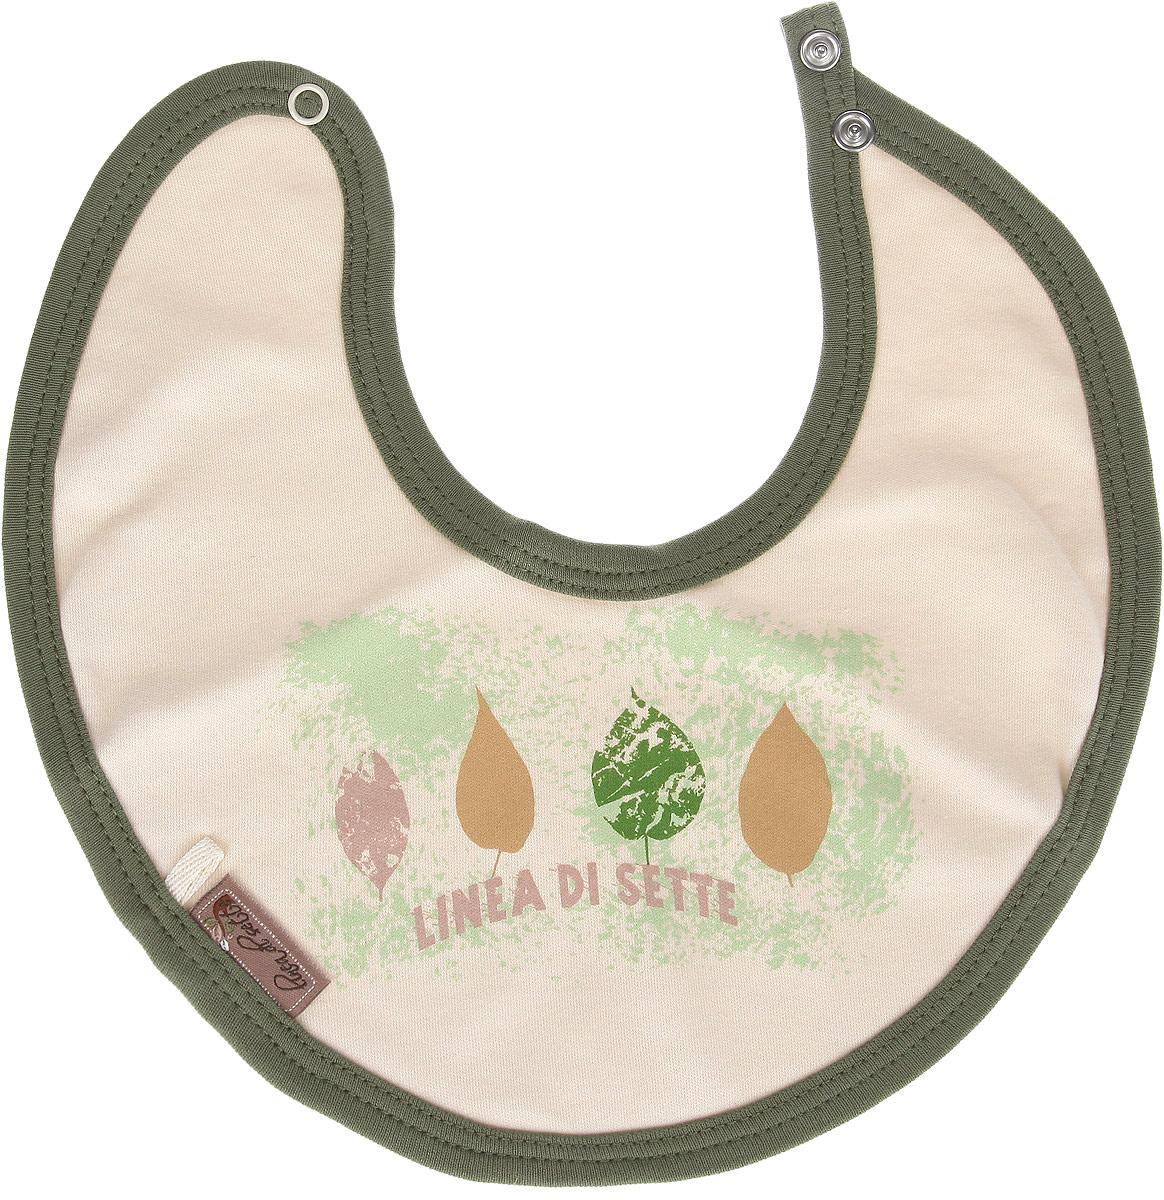 Linea Di Sette Нагрудник детский Ботаника от 0 до 3 месяцев05-0103Детский нагрудник Ботаника станет незаменимым помощником маме при кормлении малыша от 0 до 3 месяцев. Нагрудник регулируется по размеру двумя металлическими кнопками. Нагрудник защитит одежду вашего крохи от загрязнений.